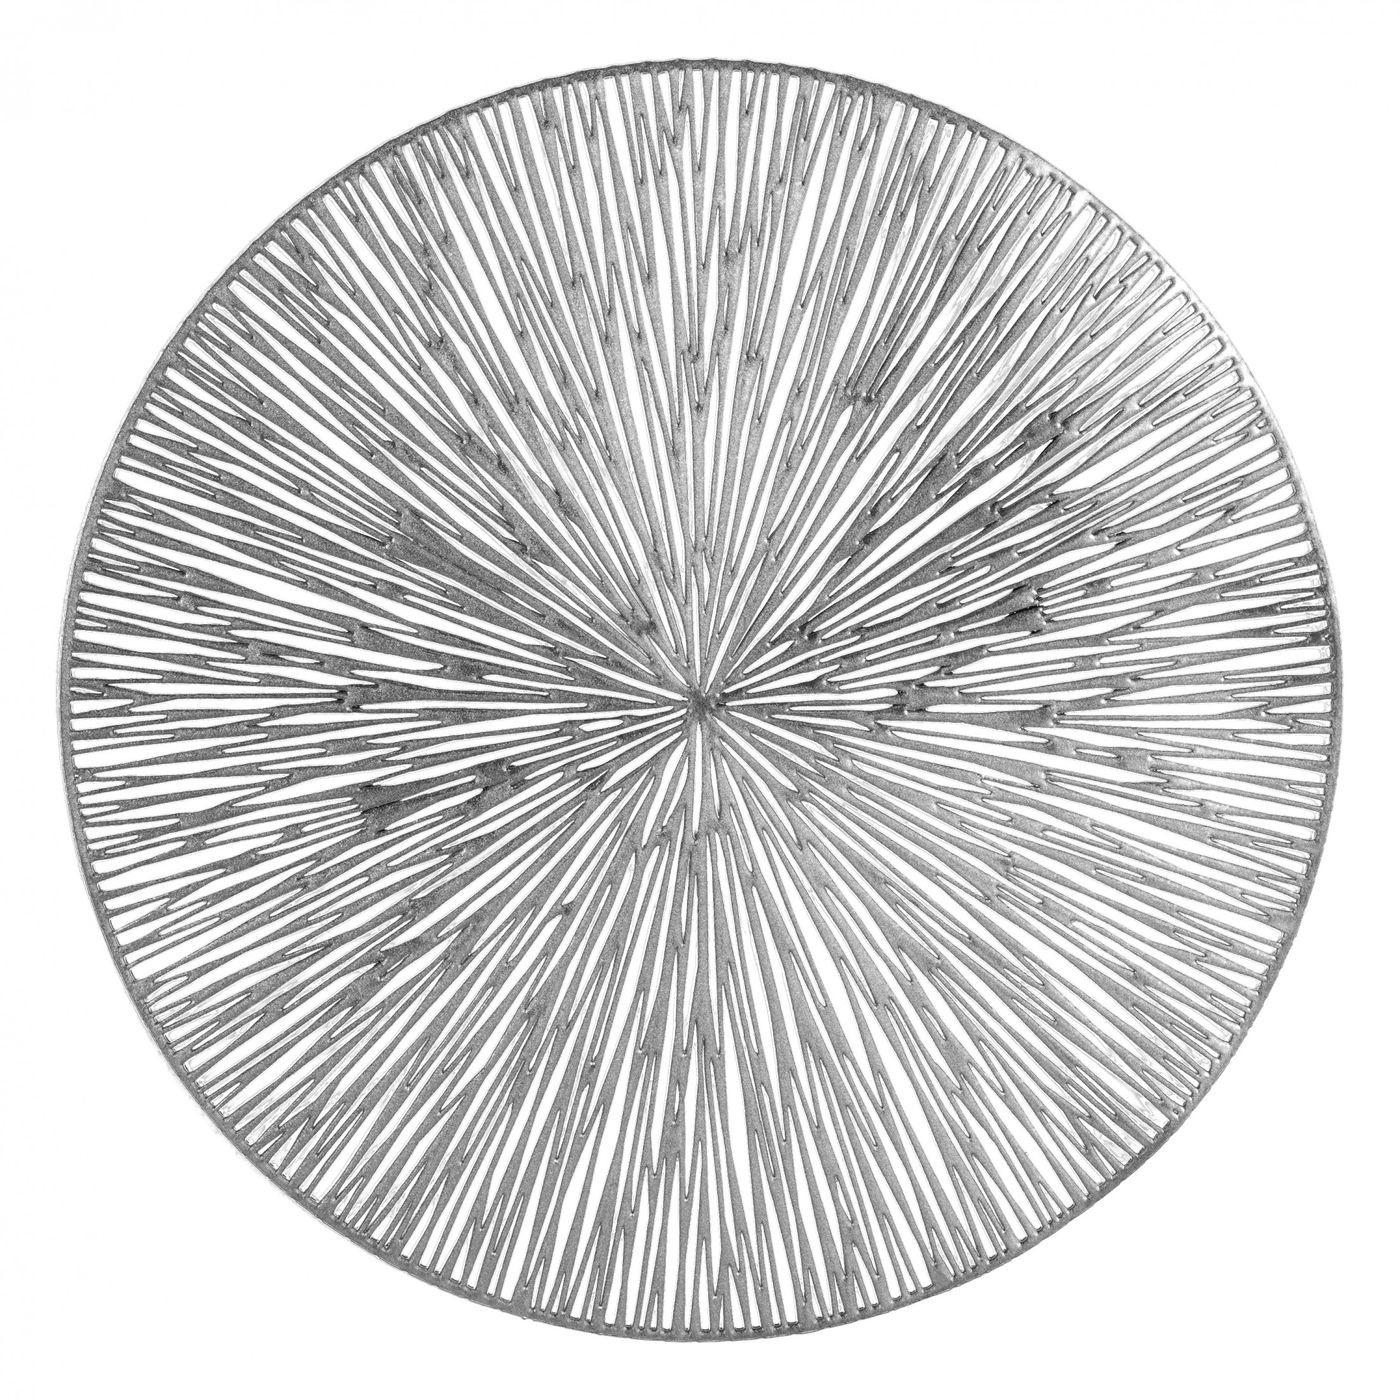 Okrągła podkładka stołowa ażurowa srebrna średnica 38 cm